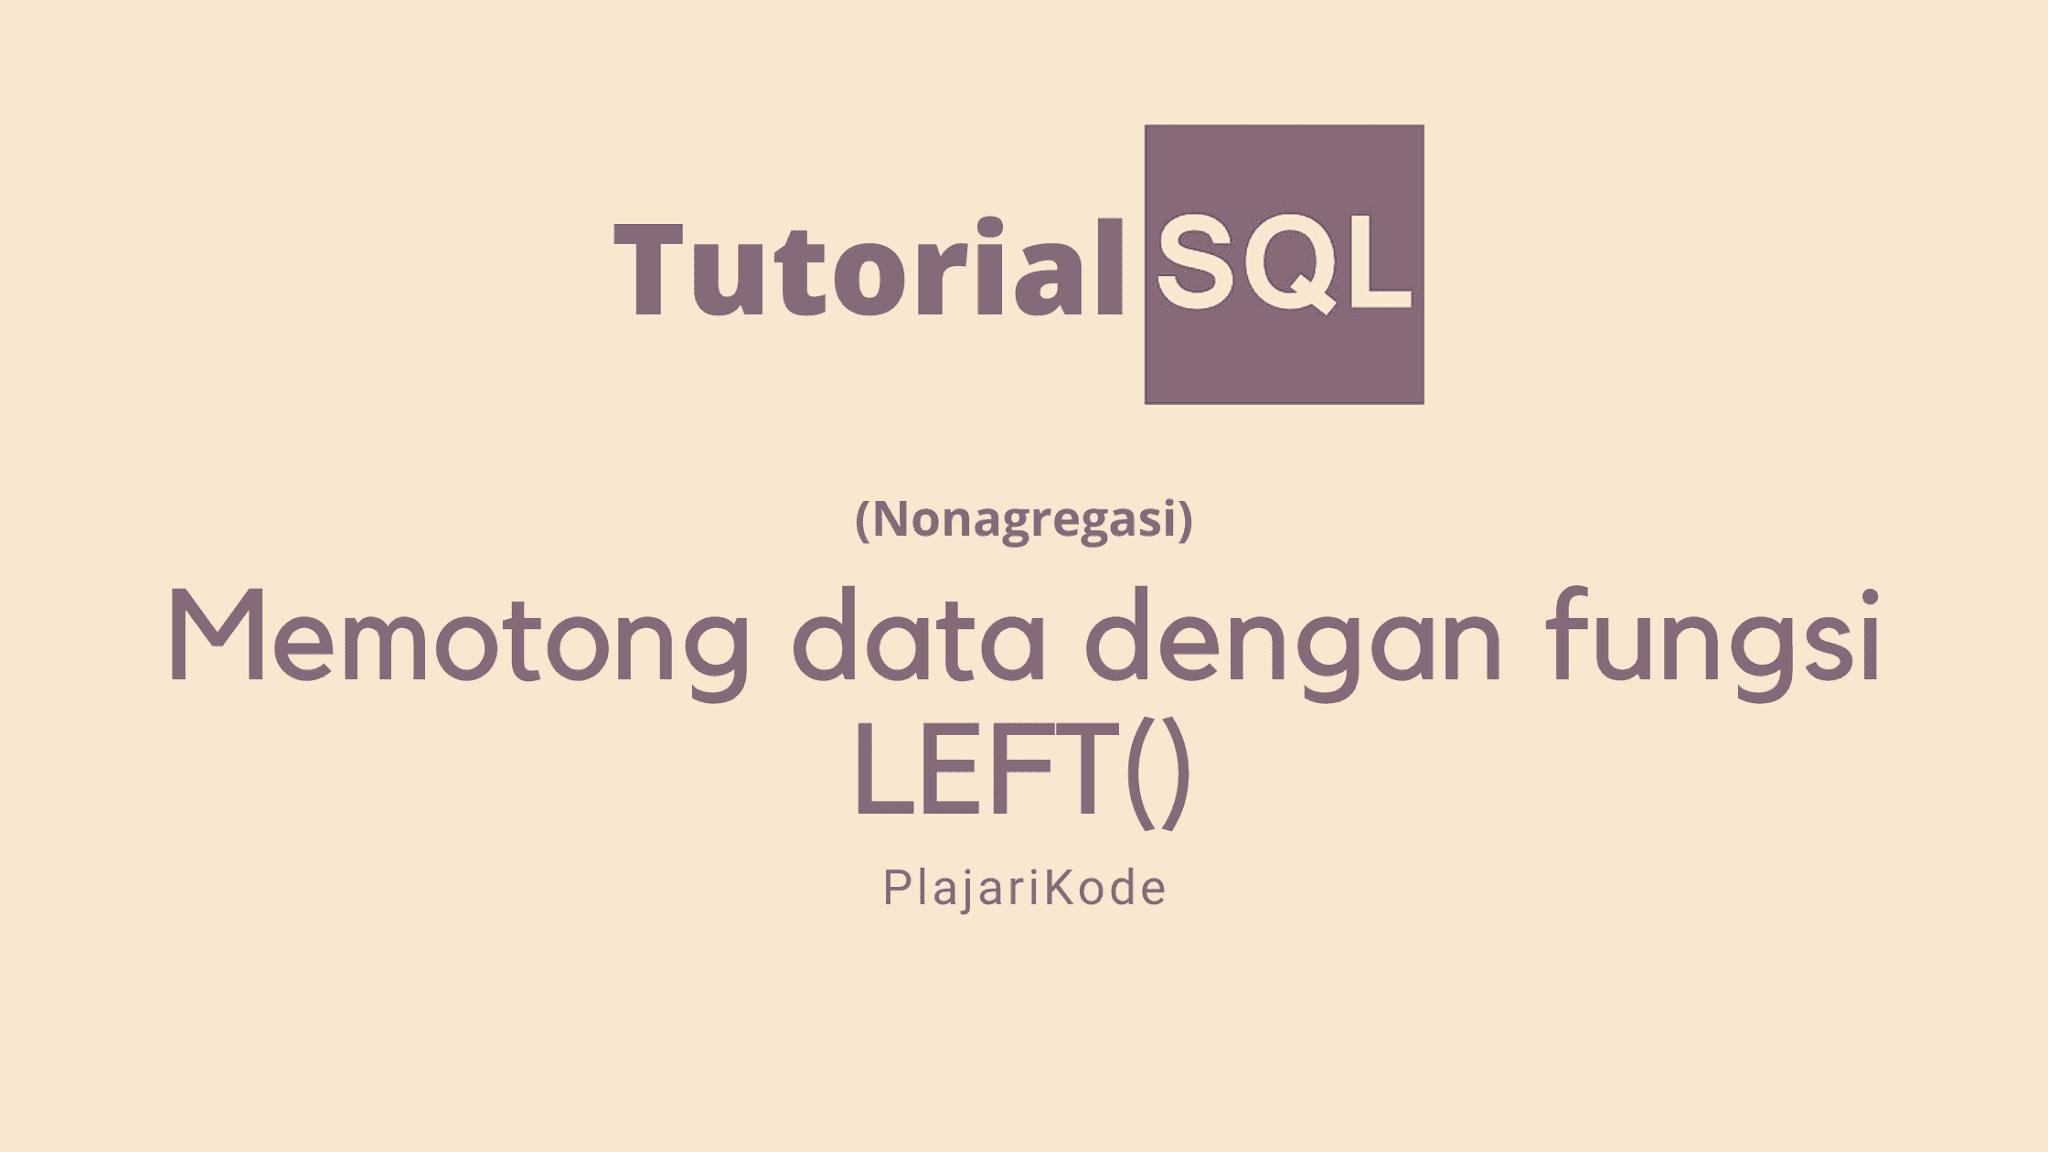 Belajar SQL - Menggunakan fungsi LEFT() untuk memotong data pada SQL